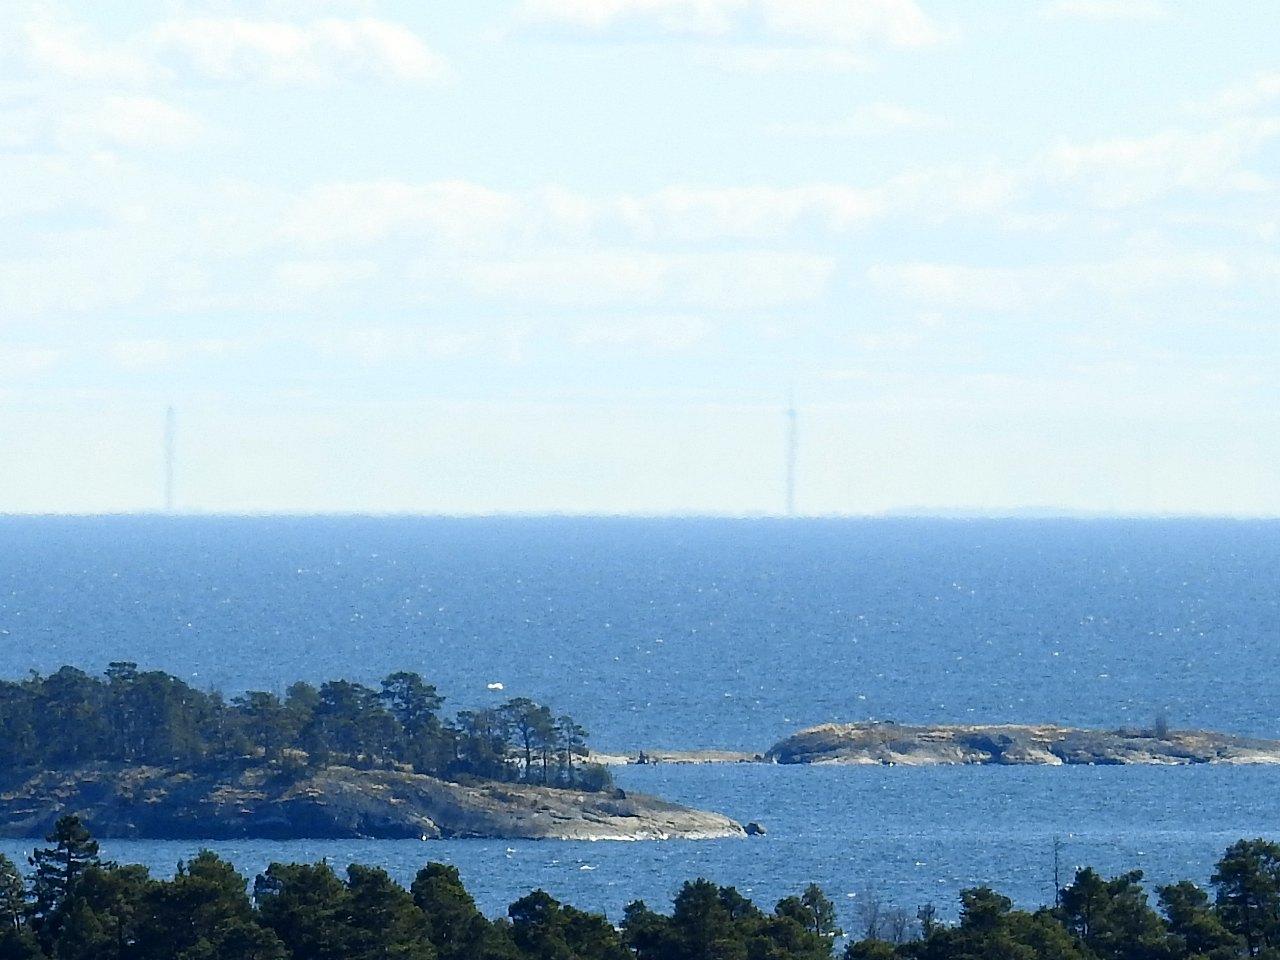 Tallinnan TV-torni ja Energialaitoksen savupiippu näkyi Porkkalanniemestä.